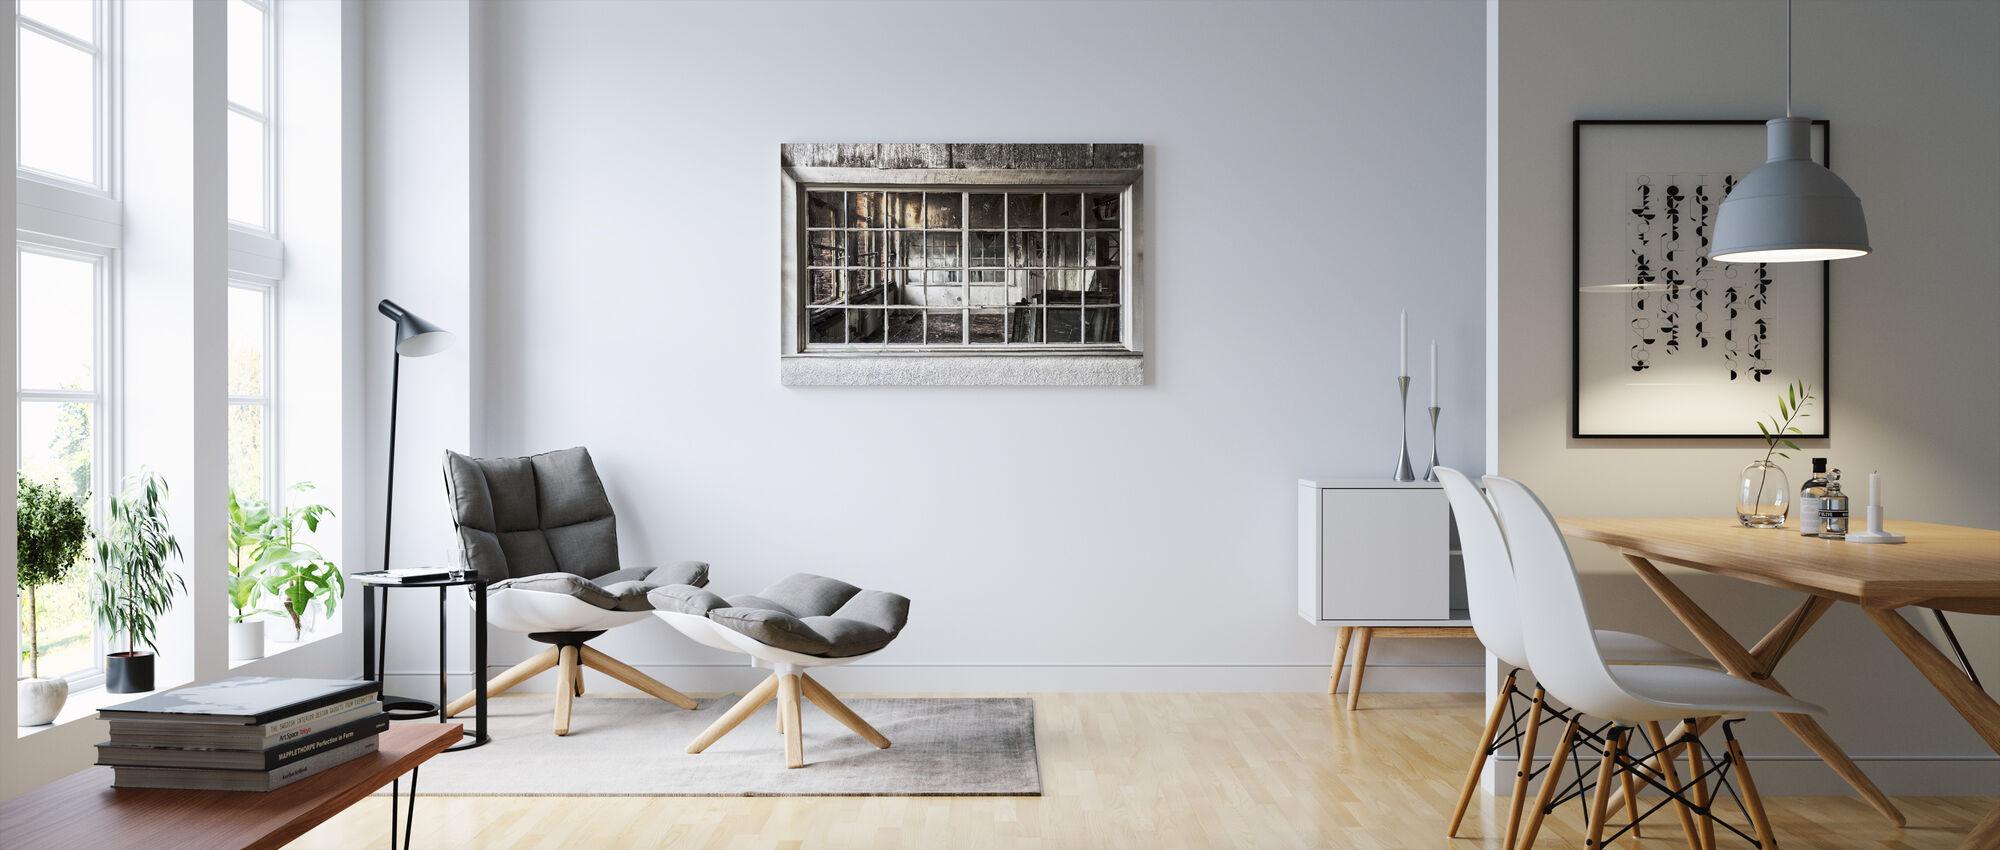 Broken Old Window - Canvas print - Living Room